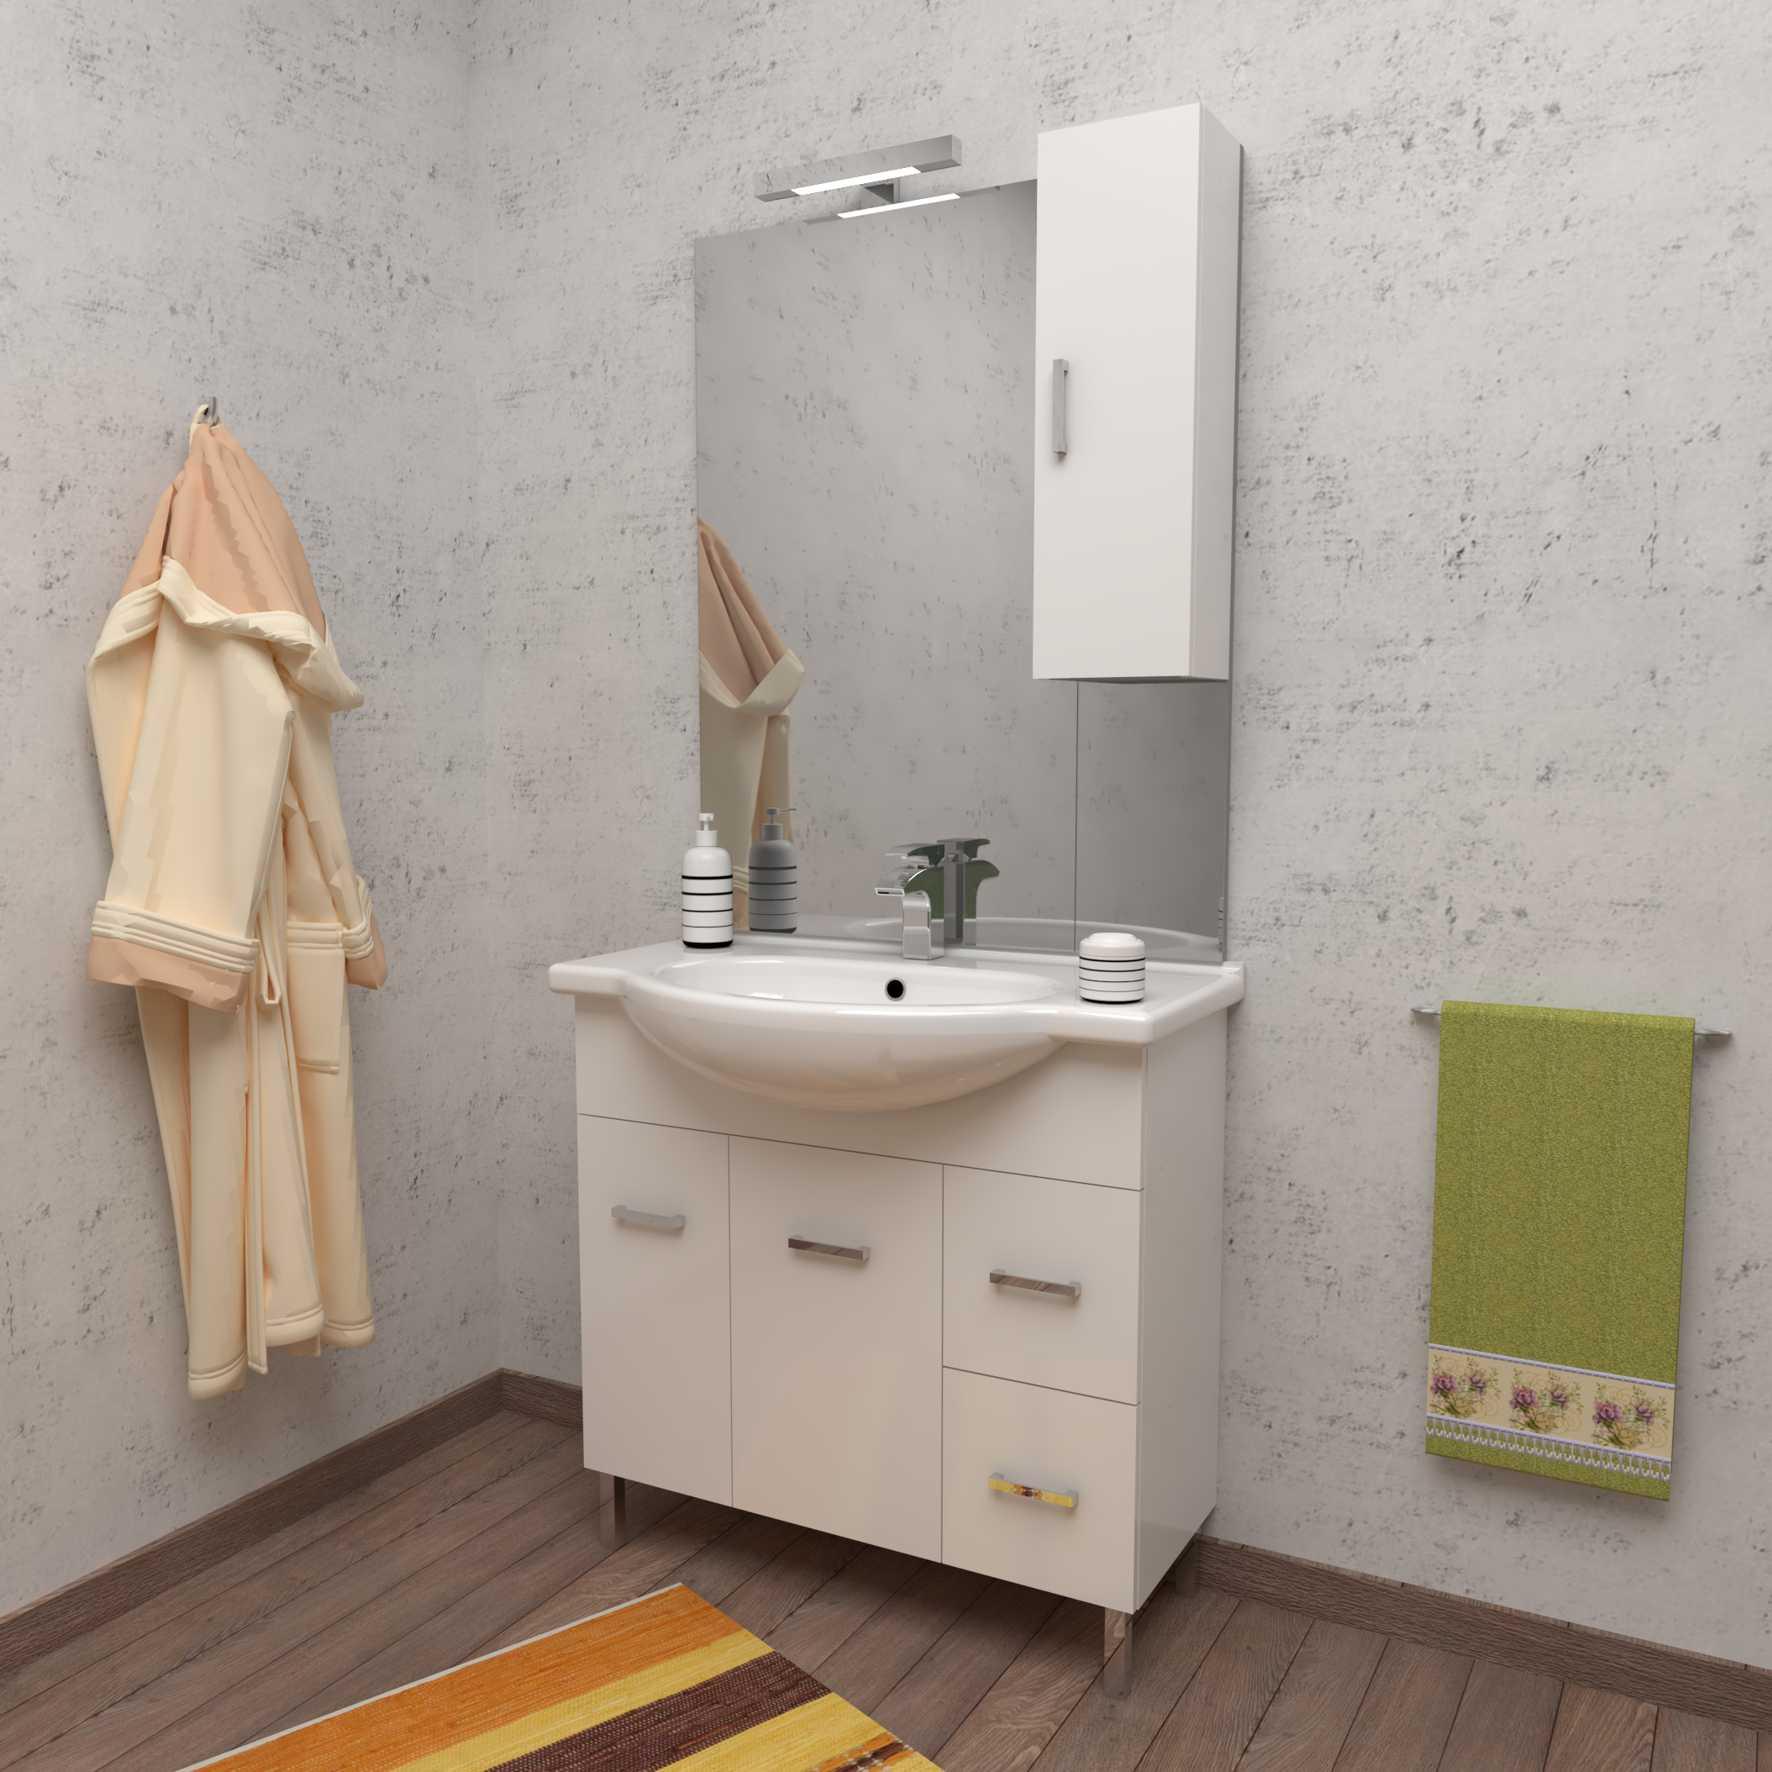 Mobile bagno a terra PALMA 85 cm 85x50 bianco lucido con lavabo in ceramica